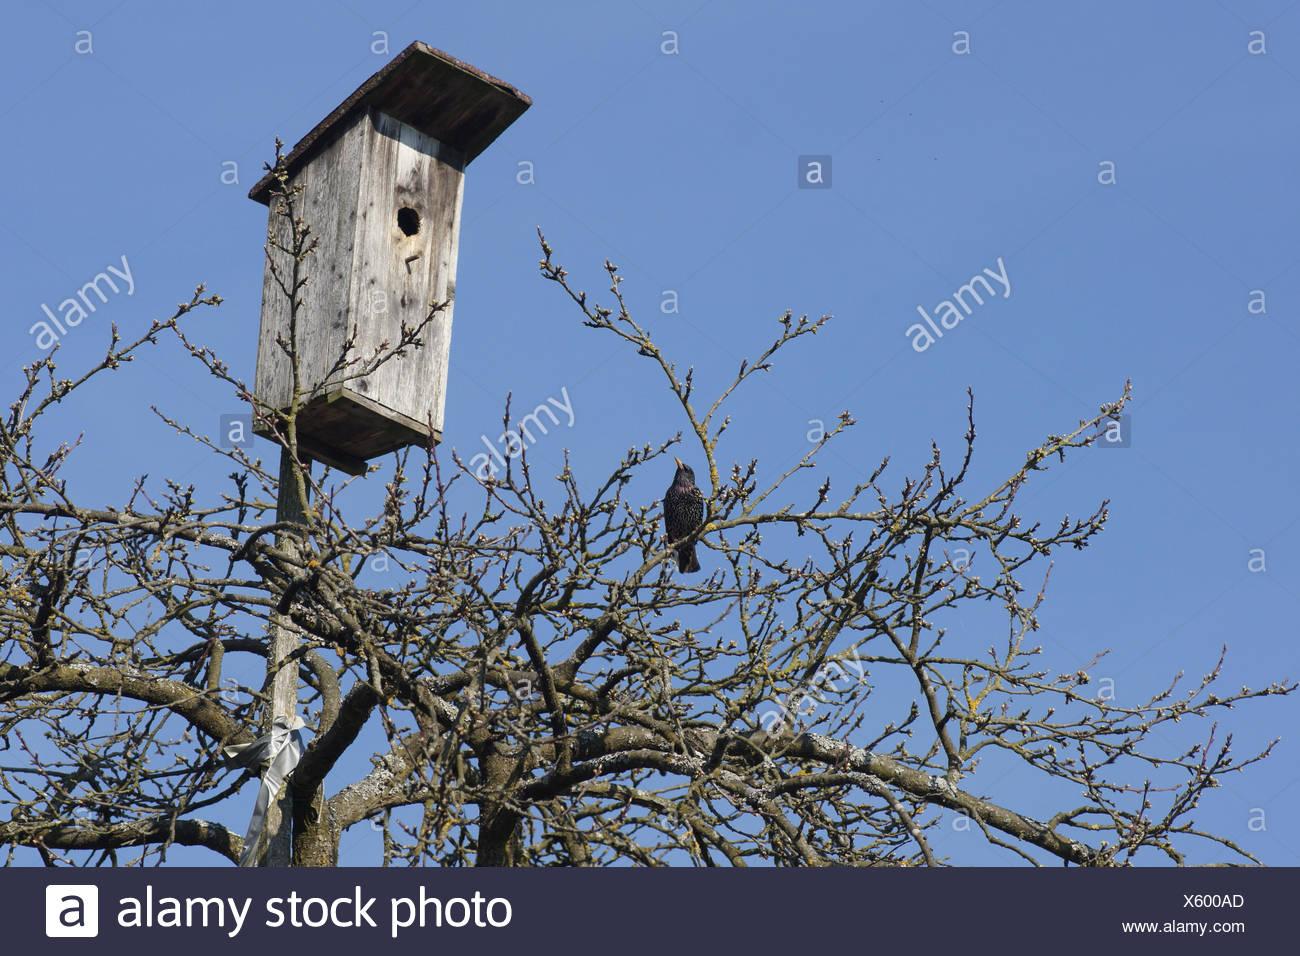 Sturnus vulgaris, Starling, near birdhouse - Stock Image